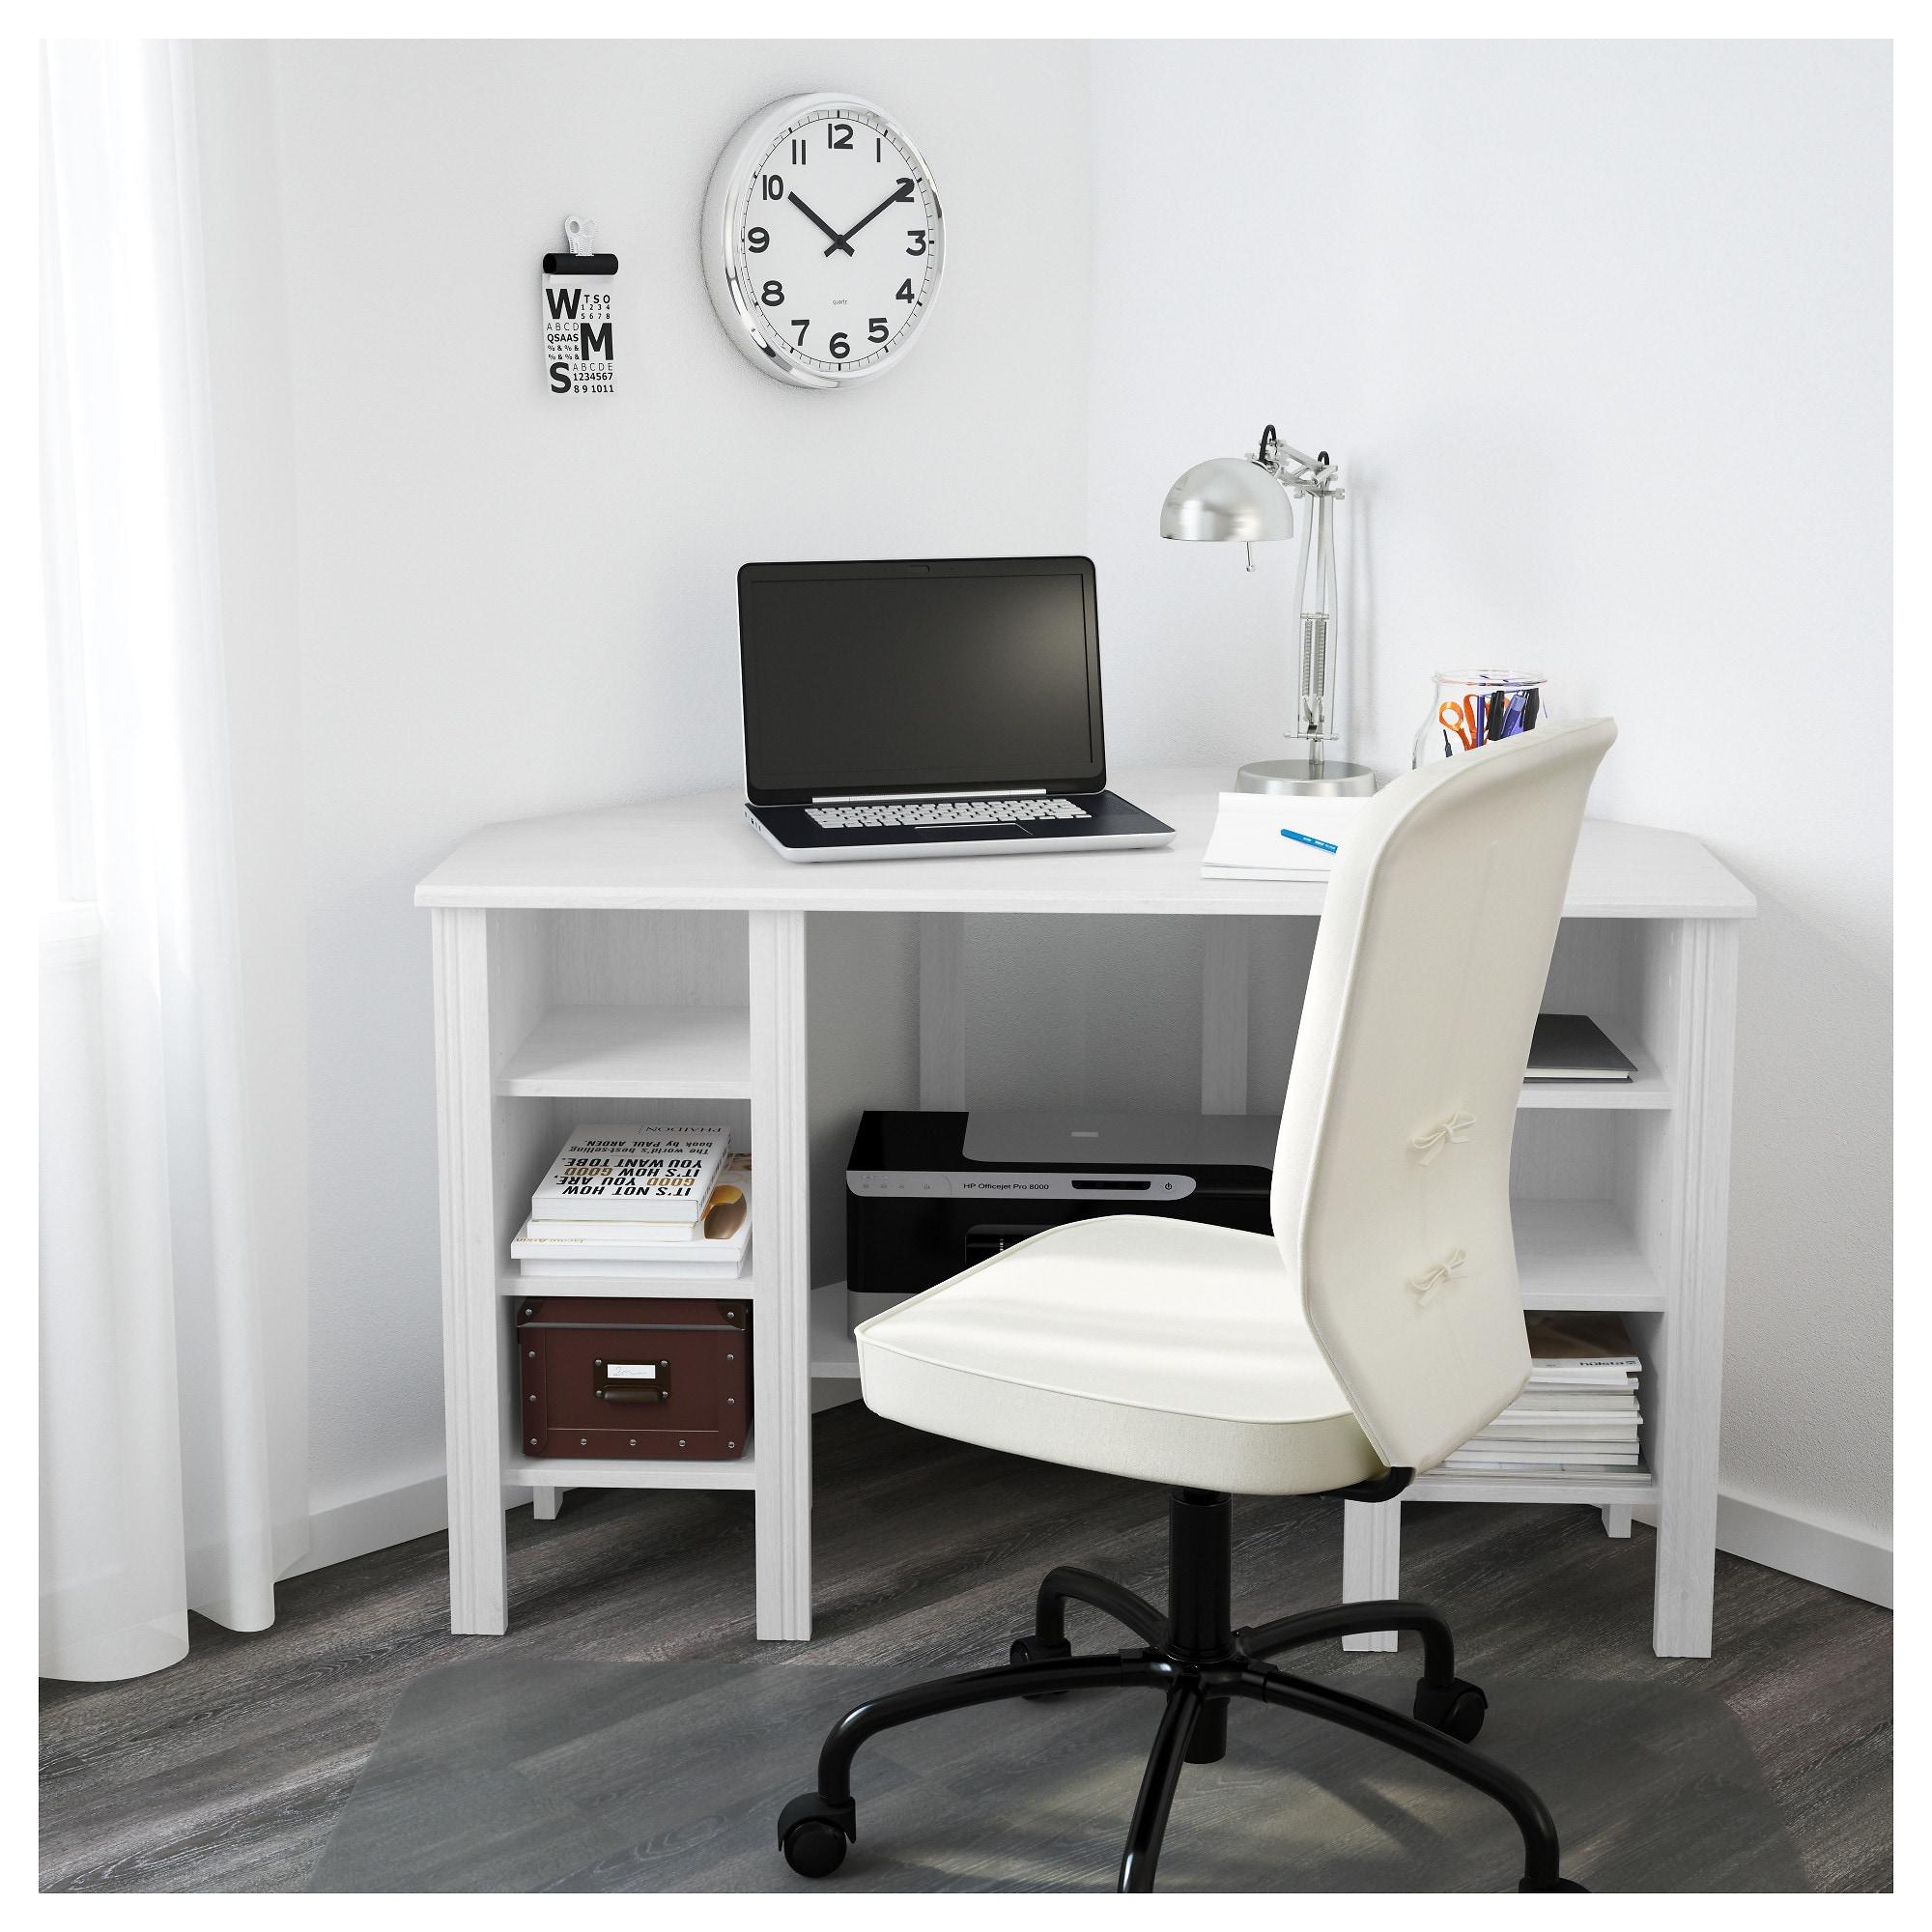 Ikea Hoekbureau Wit.Hoekbureau Brusali Wit In 2019 Ik Wou Dat Dees Mijn Huis Was